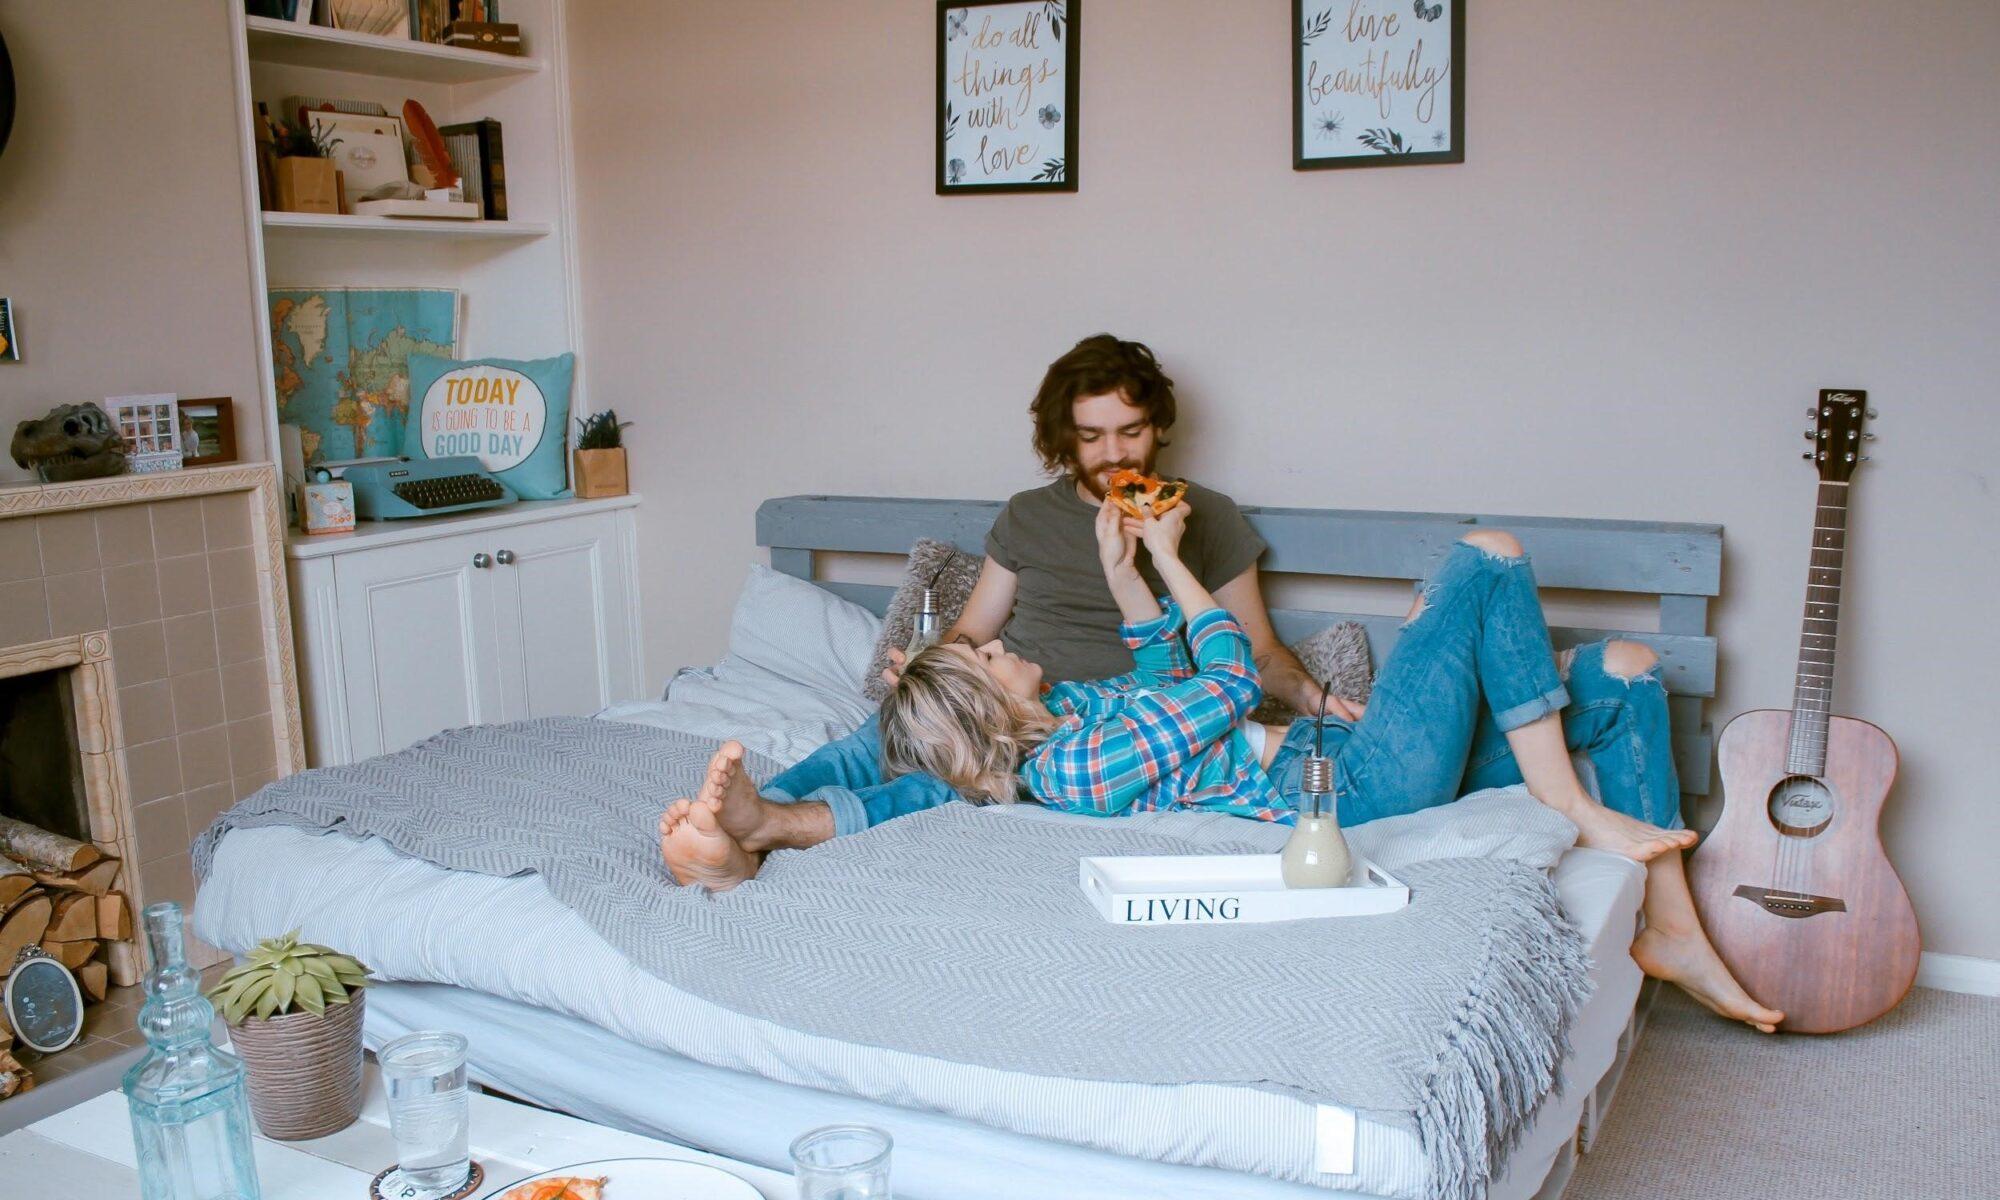 Junges Paar im Bett der gemeinsamen wohnung